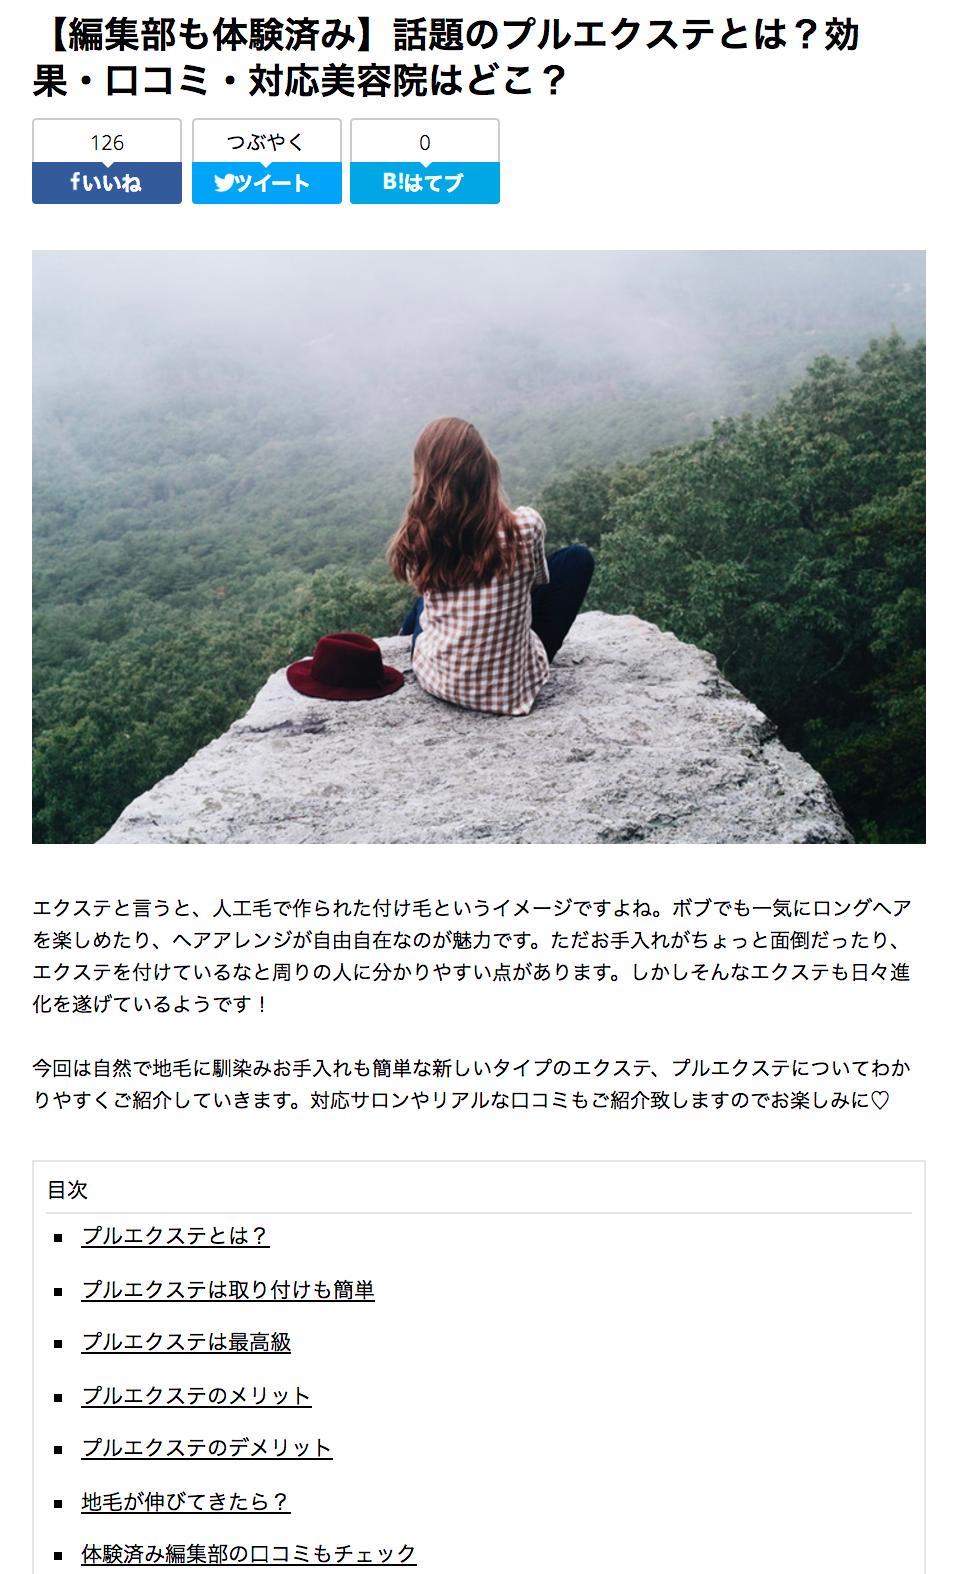 マカロン プルエクステ取材